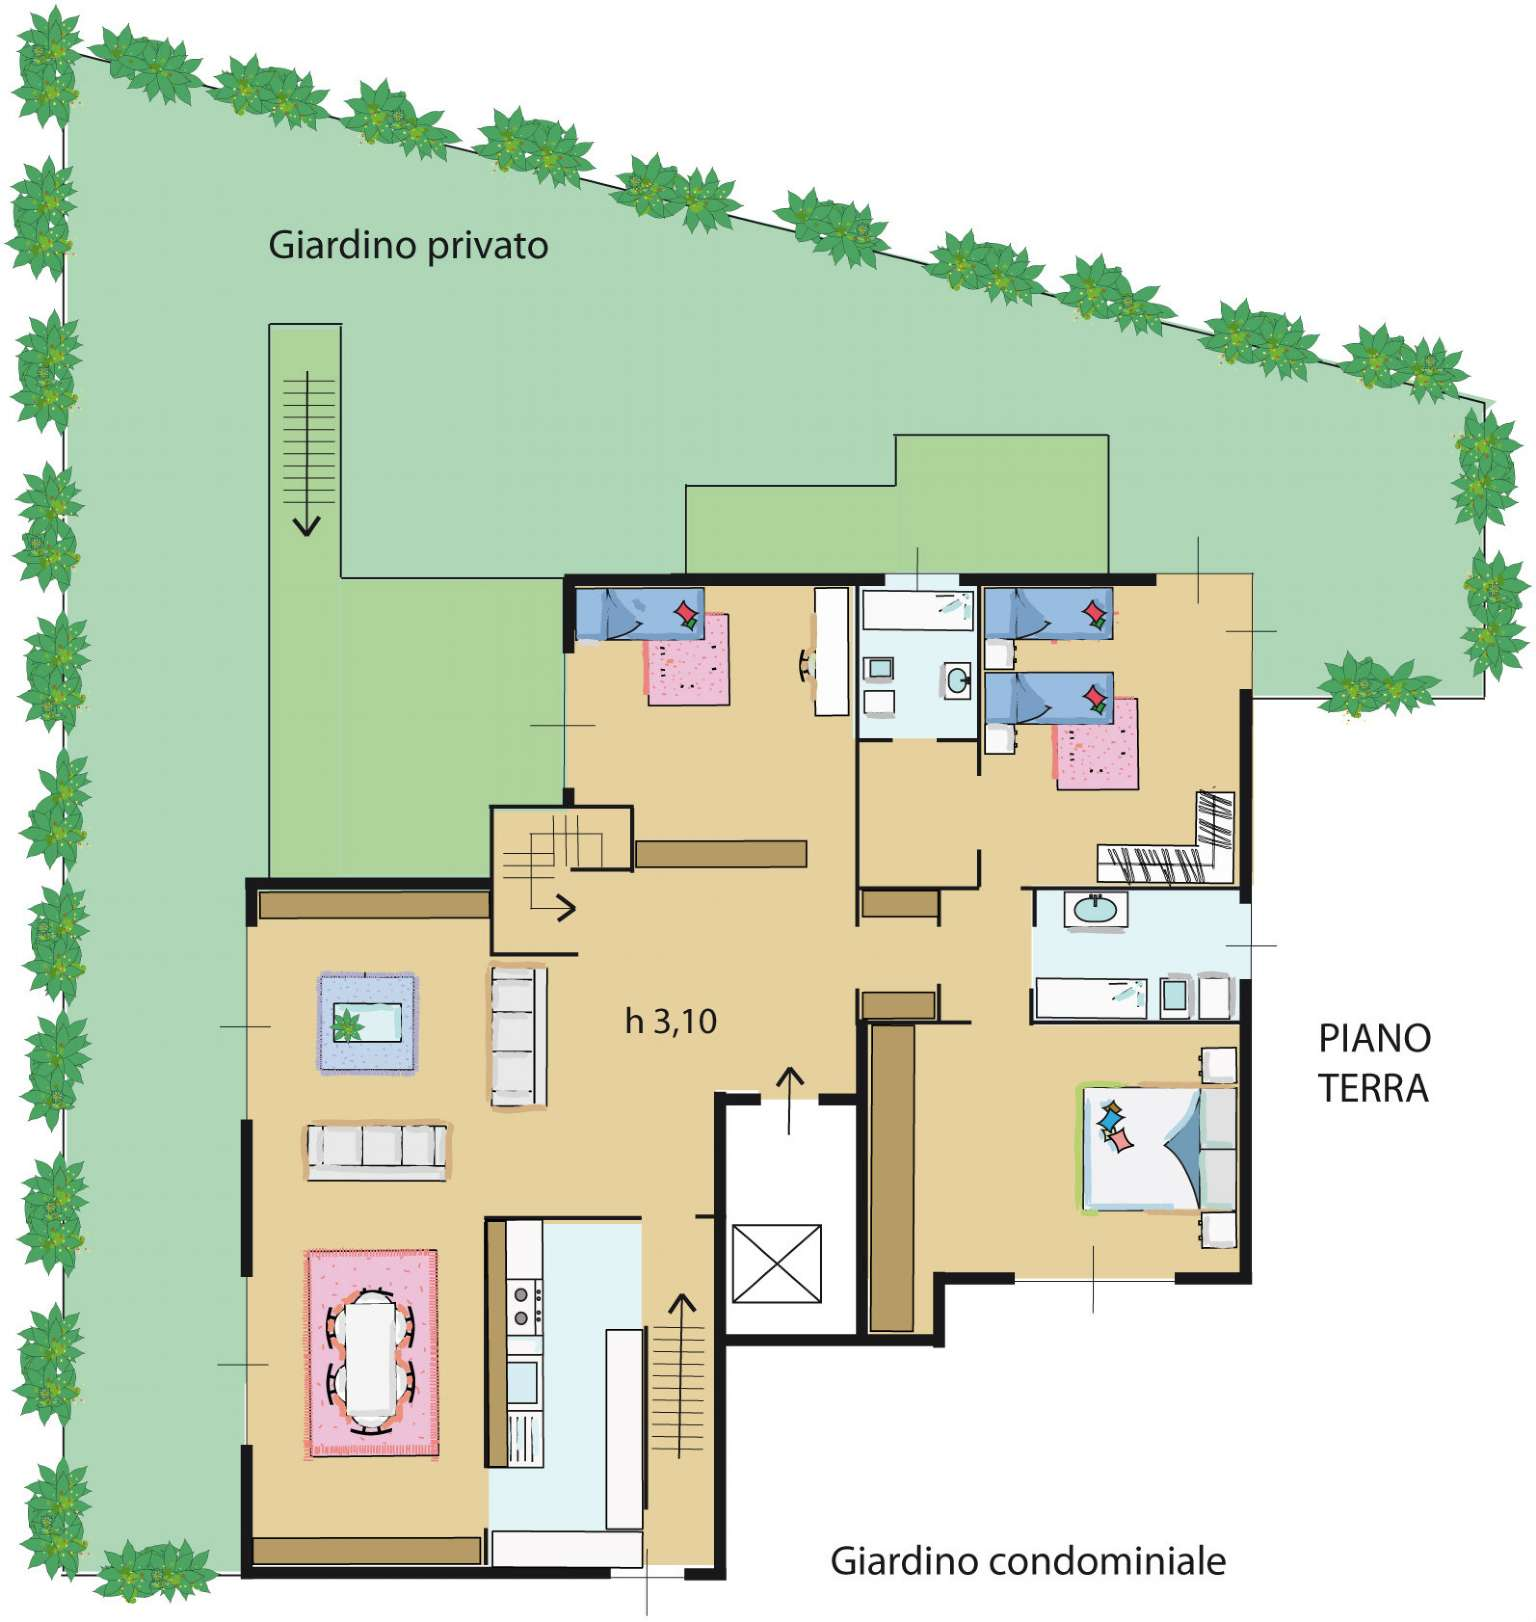 Appartamento in vendita a Milano, 5 locali, zona Zona: 14 . Lotto, Novara, San Siro, QT8 , Montestella, Rembrandt, prezzo € 730.000 | Cambio Casa.it